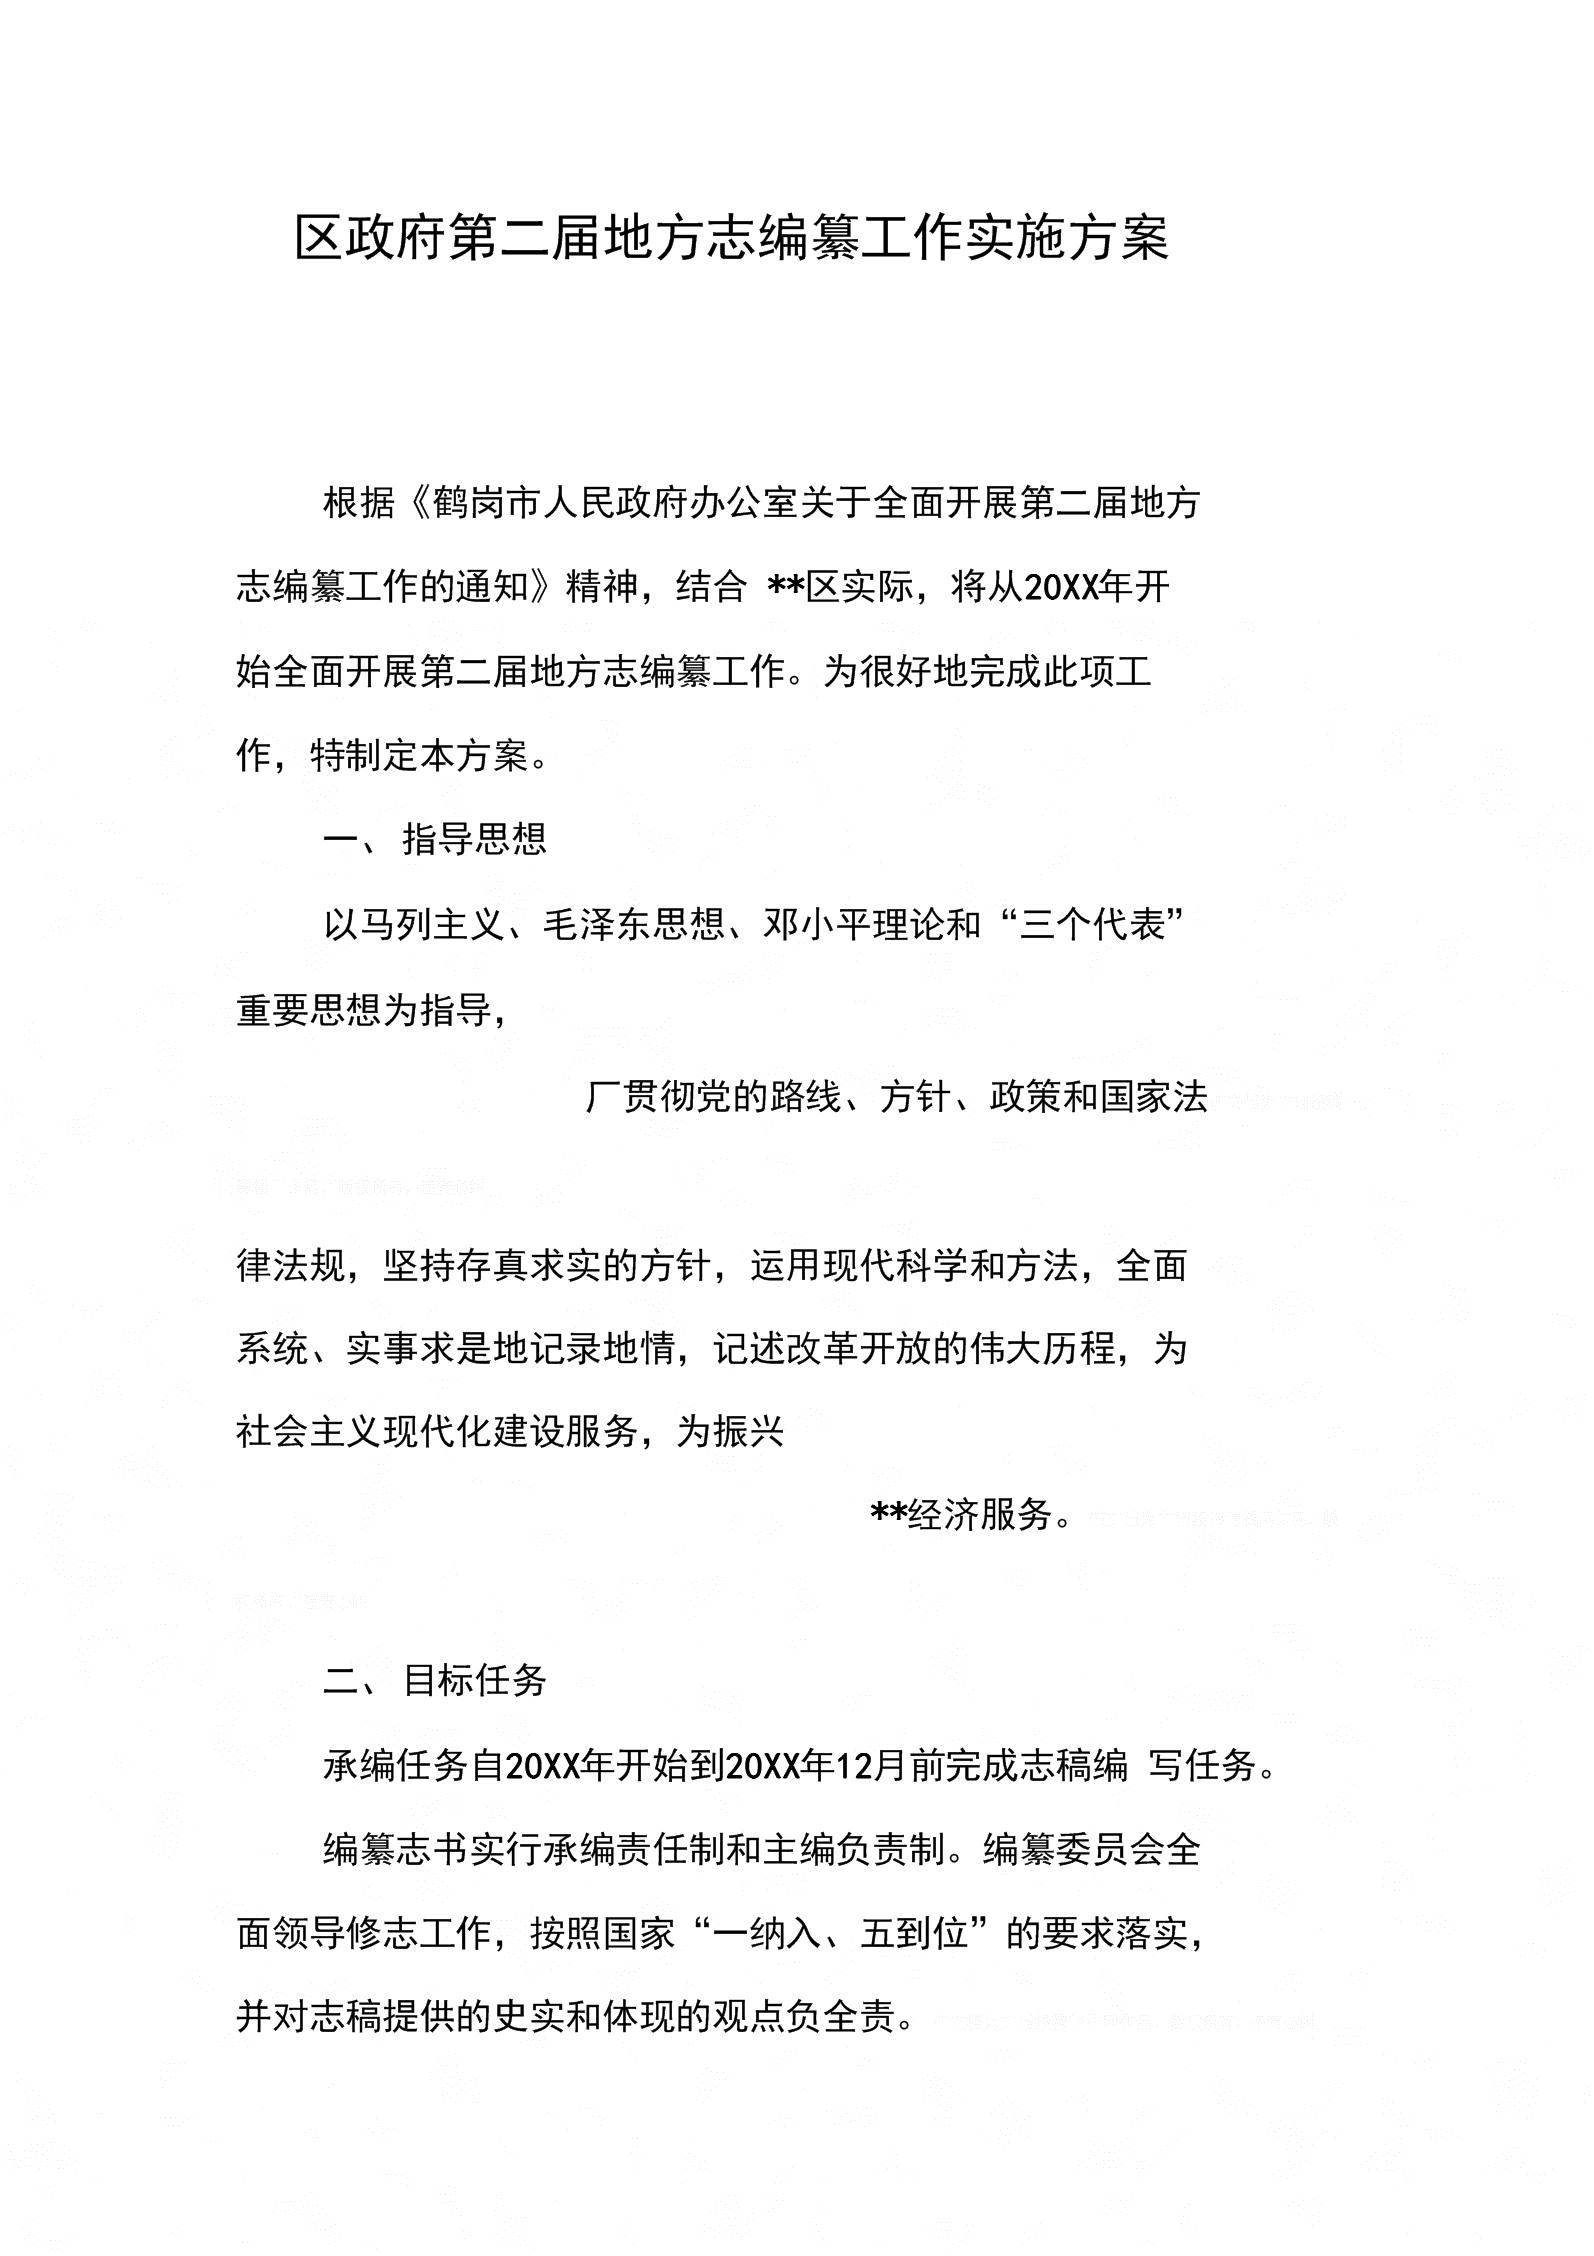 区政府第二届地方志编纂工作实施方案.docx